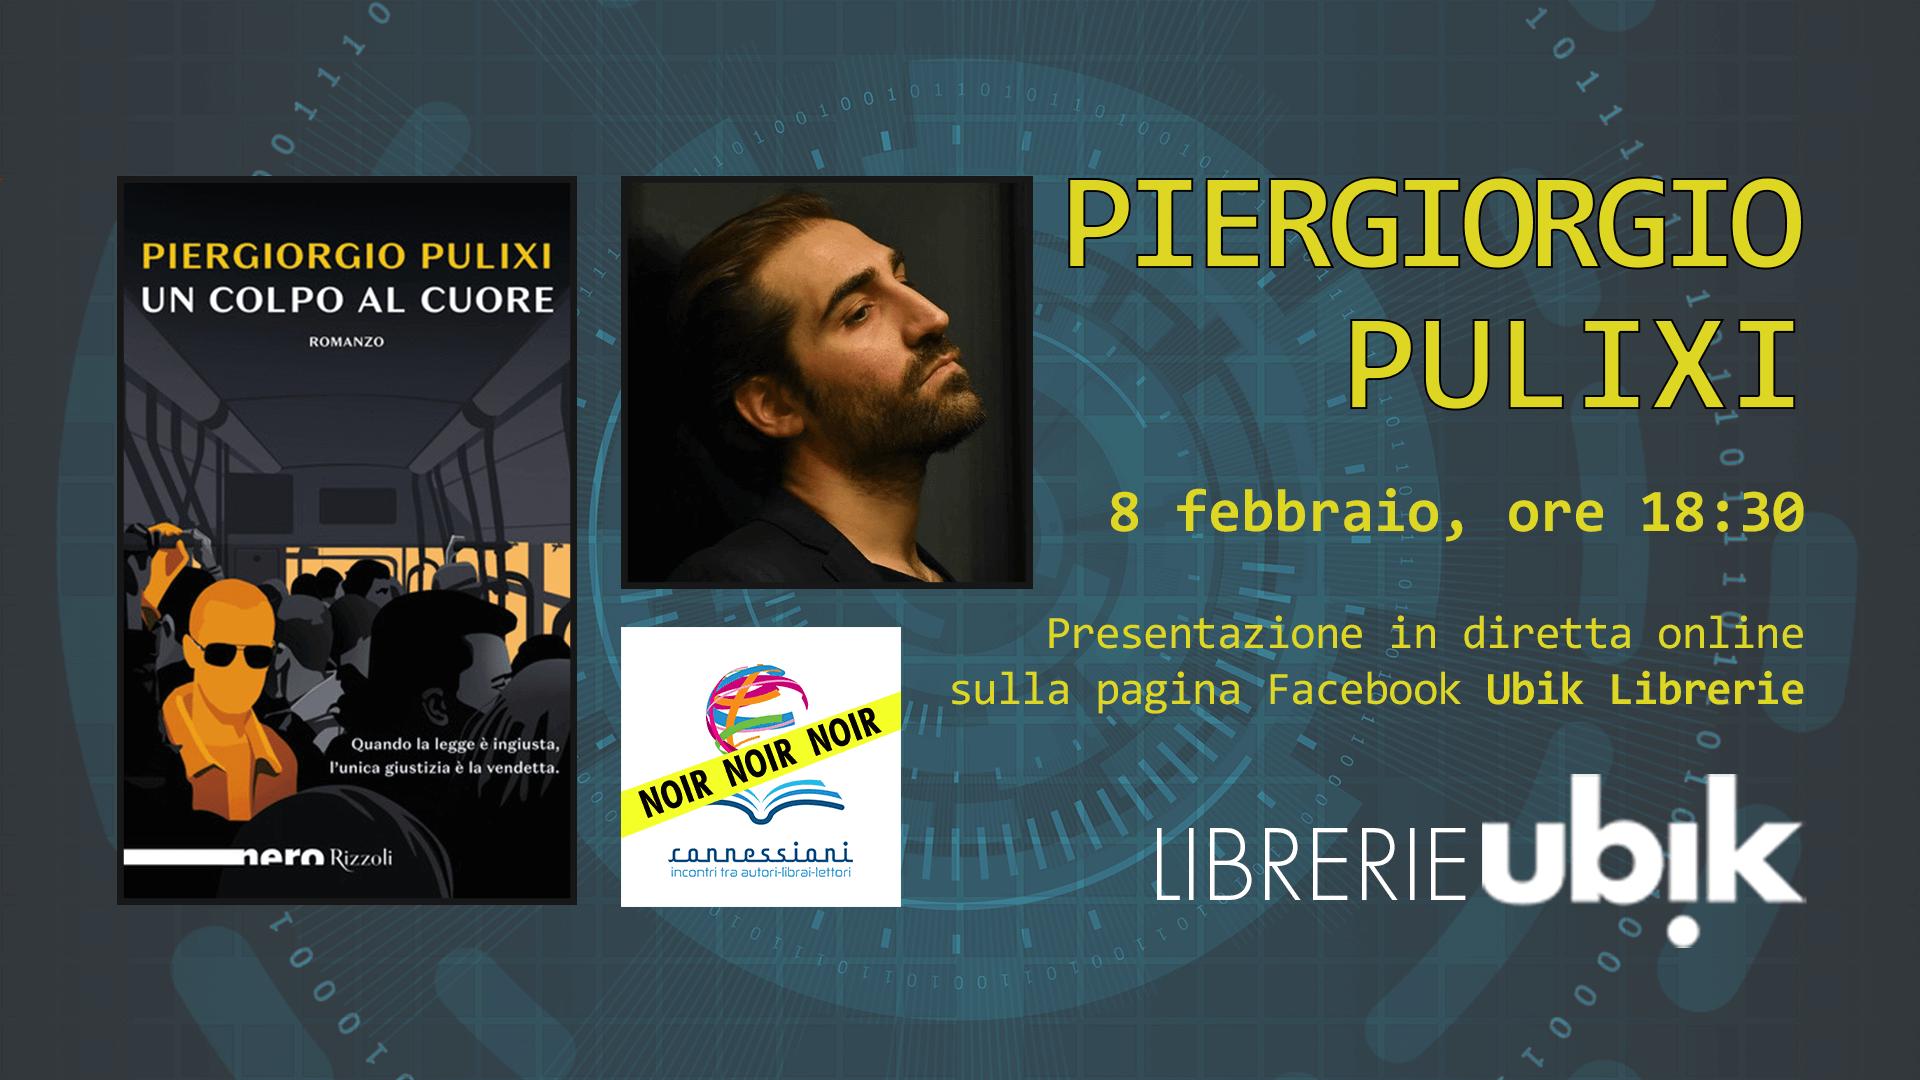 PIERGIORGIO PULIXI presenta in diretta online